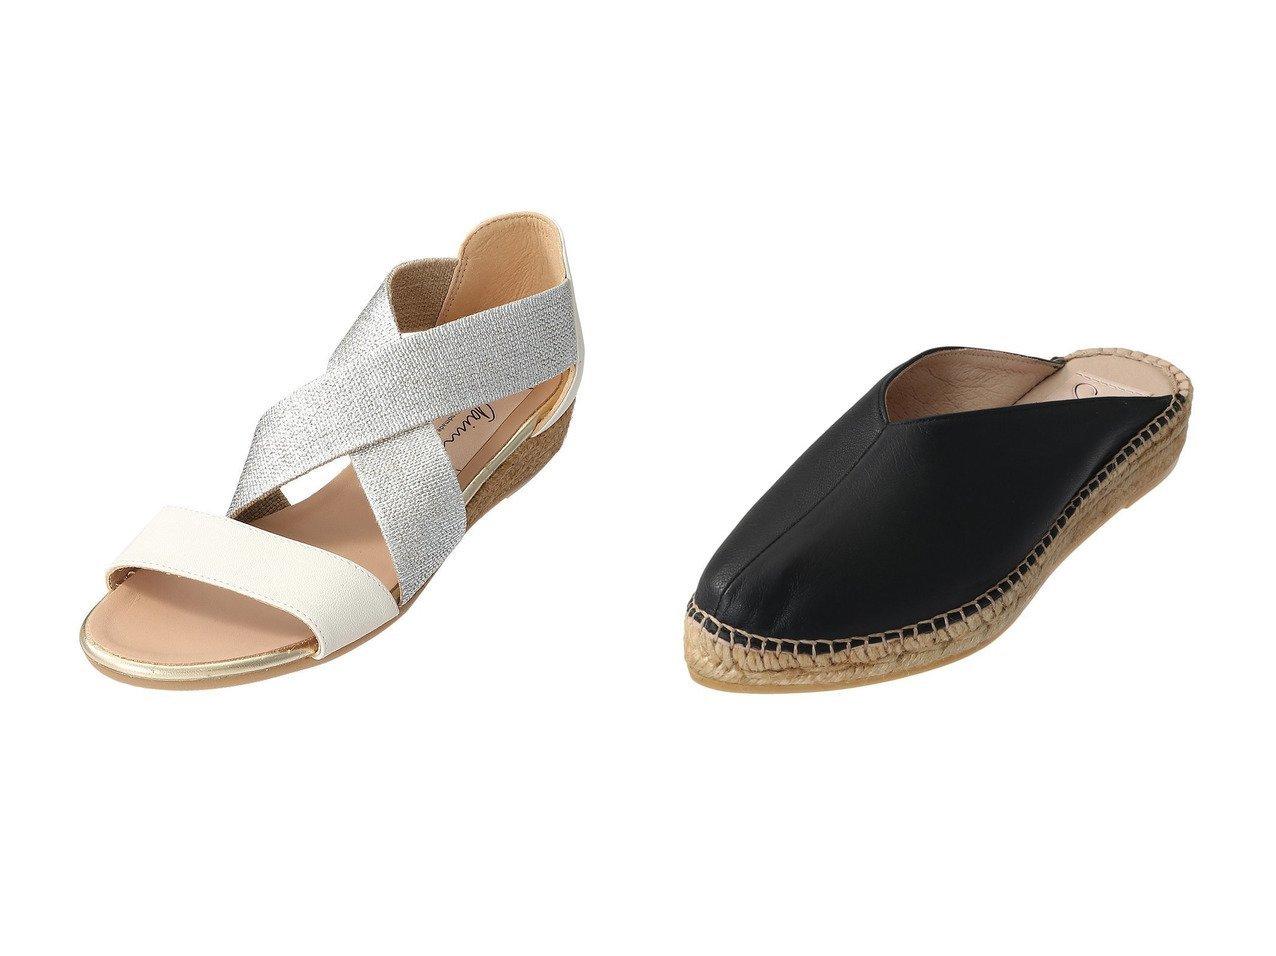 【Esmeralda/エスメラルダ】の【Gaimo】Vカットミュール&【Gaimo】エラスティックエスパドリーユサンダル 【シューズ・靴】おすすめ!人気、トレンド・レディースファッションの通販 おすすめで人気の流行・トレンド、ファッションの通販商品 インテリア・家具・メンズファッション・キッズファッション・レディースファッション・服の通販 founy(ファニー) https://founy.com/ ファッション Fashion レディースファッション WOMEN S/S・春夏 SS・Spring/Summer サンダル 春 Spring  ID:crp329100000045147